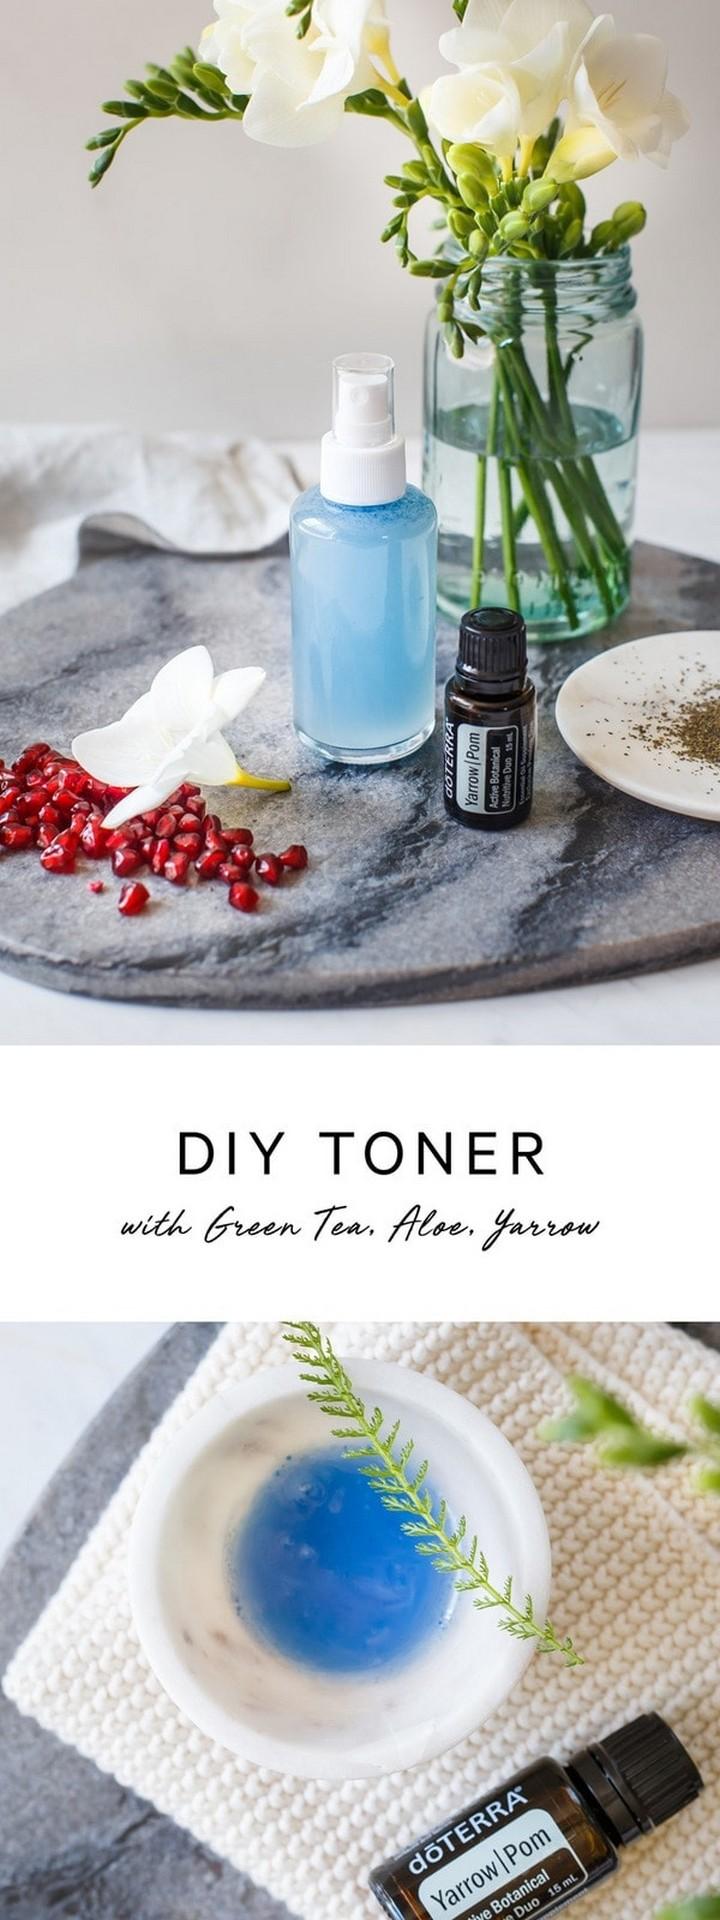 DIY Toner with Green Tea Aloe and Yarrow